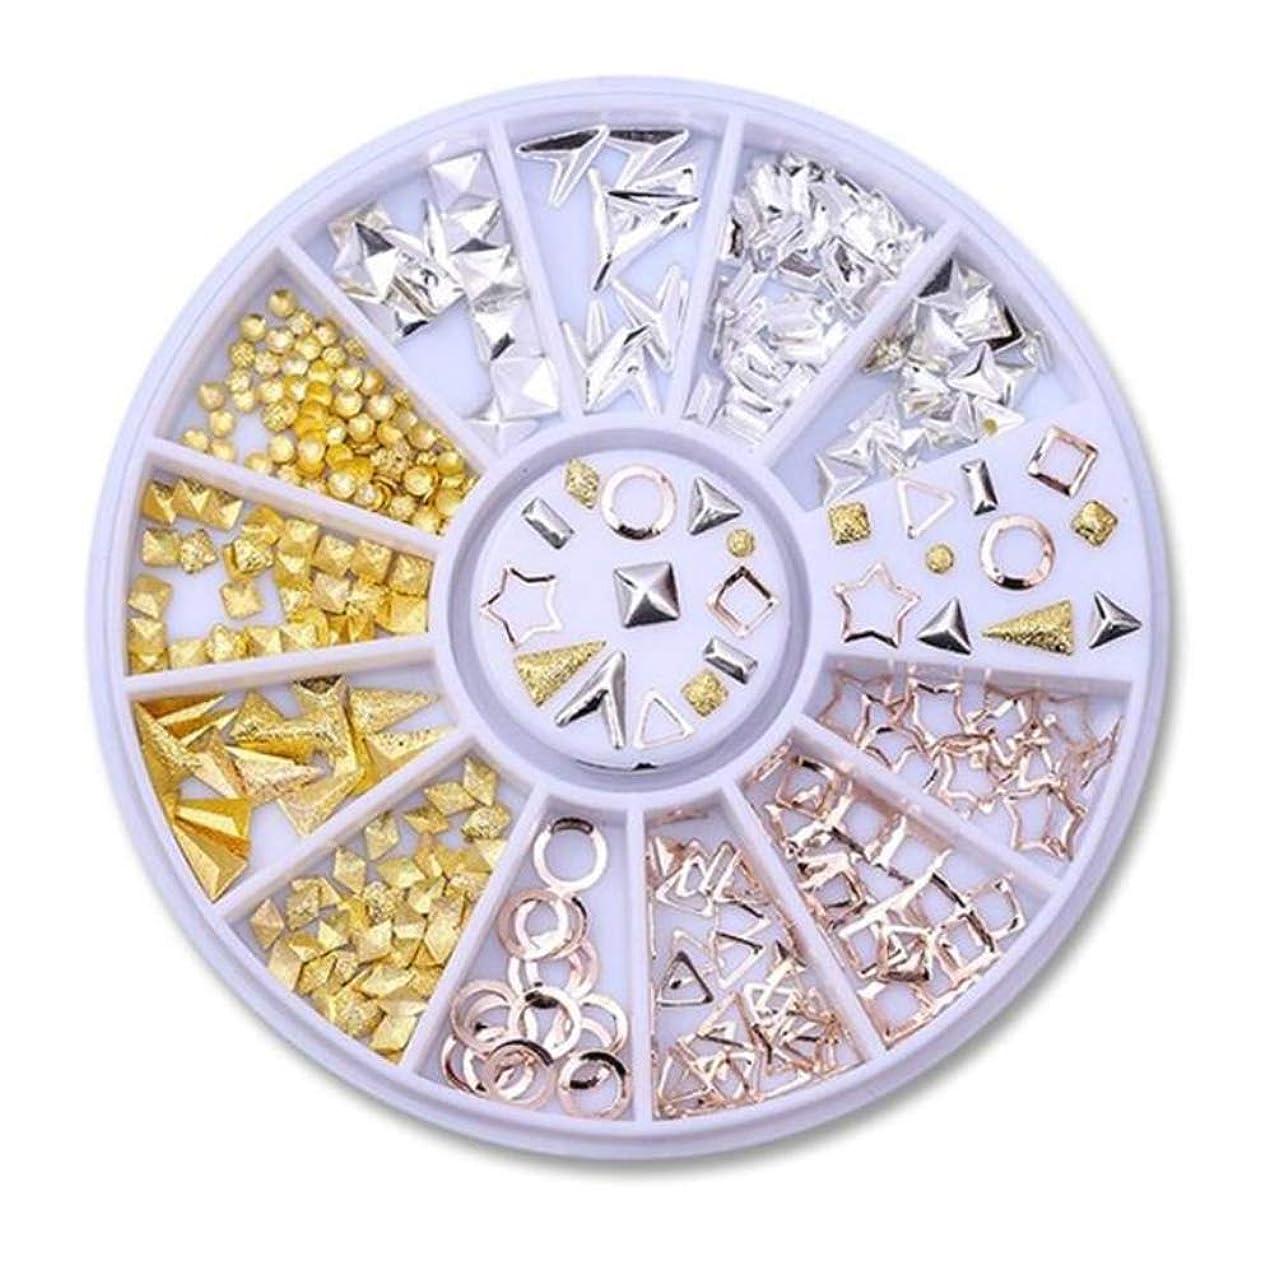 シャープ紳士ペストネイルラインストーンの小さな不規則なビーズマニキュア3Dネイルアートの装飾の輪,29